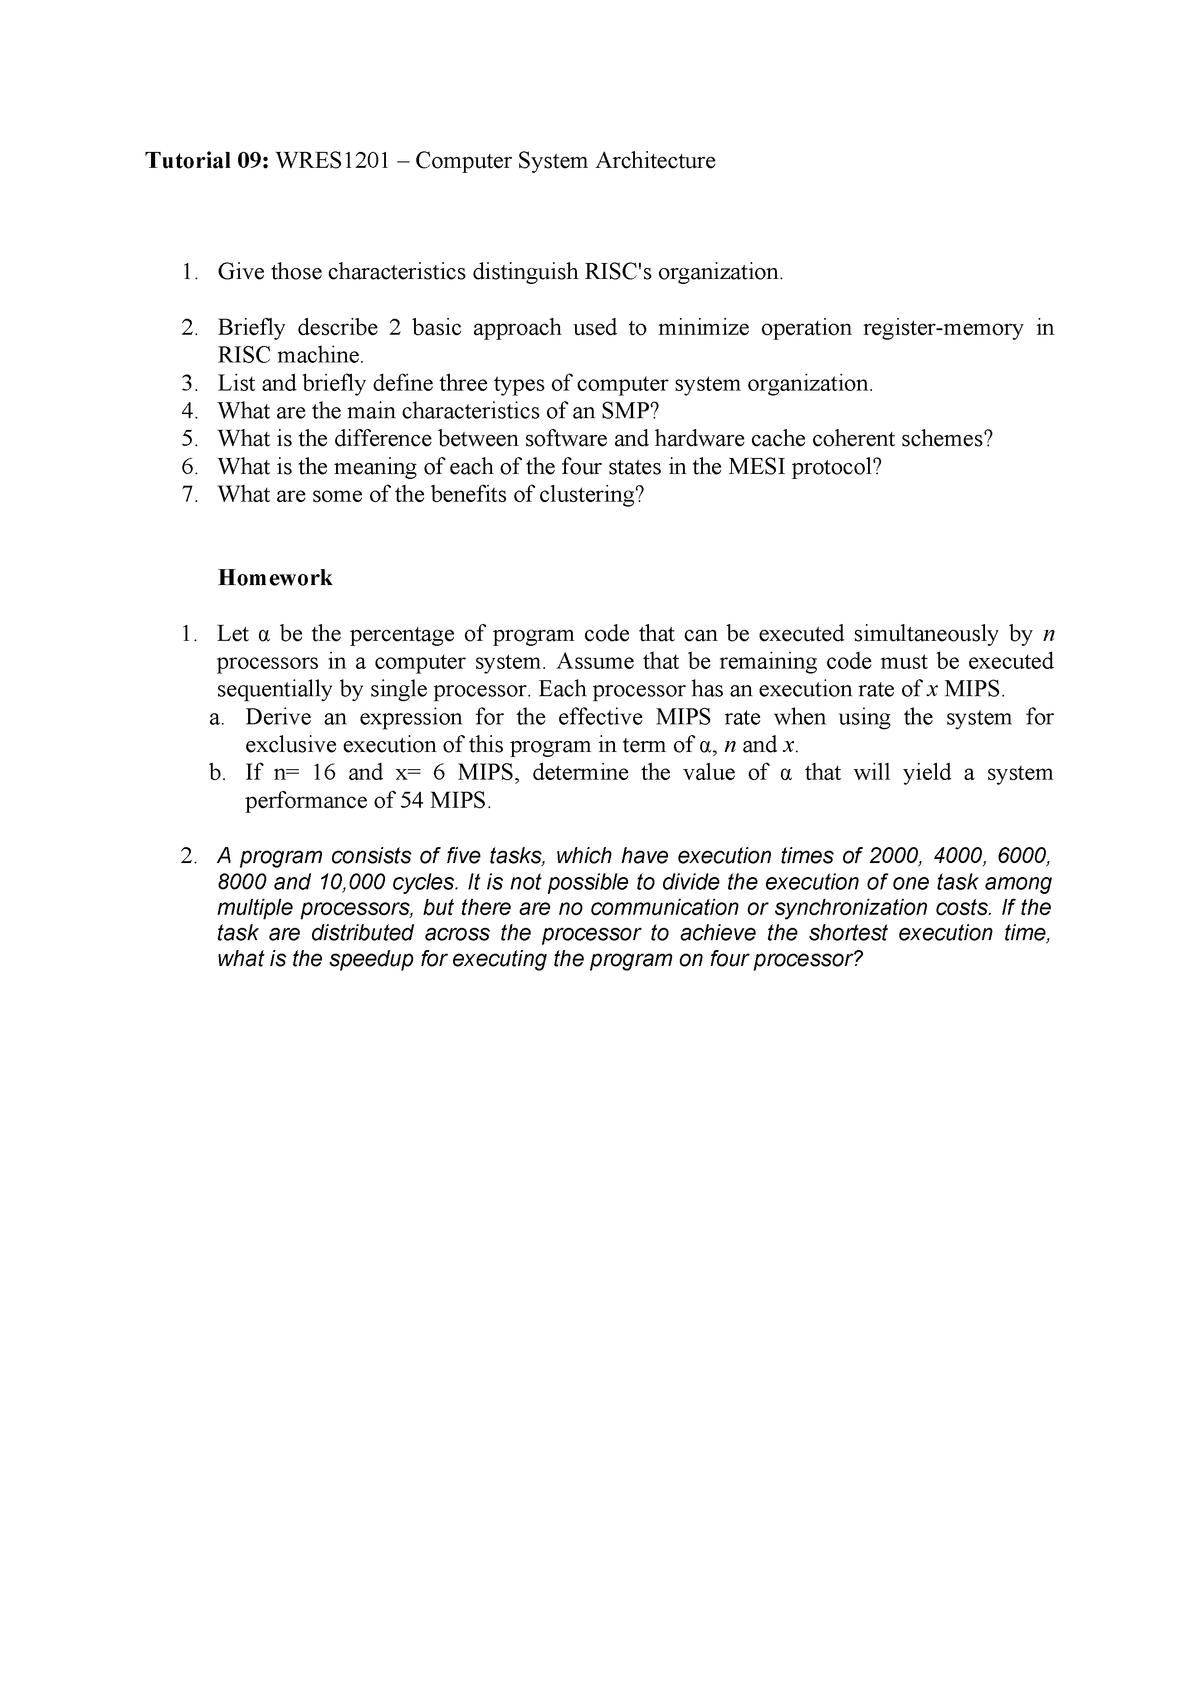 Tutorial 9 CISC v RISC - Complex Instruction Set Computer